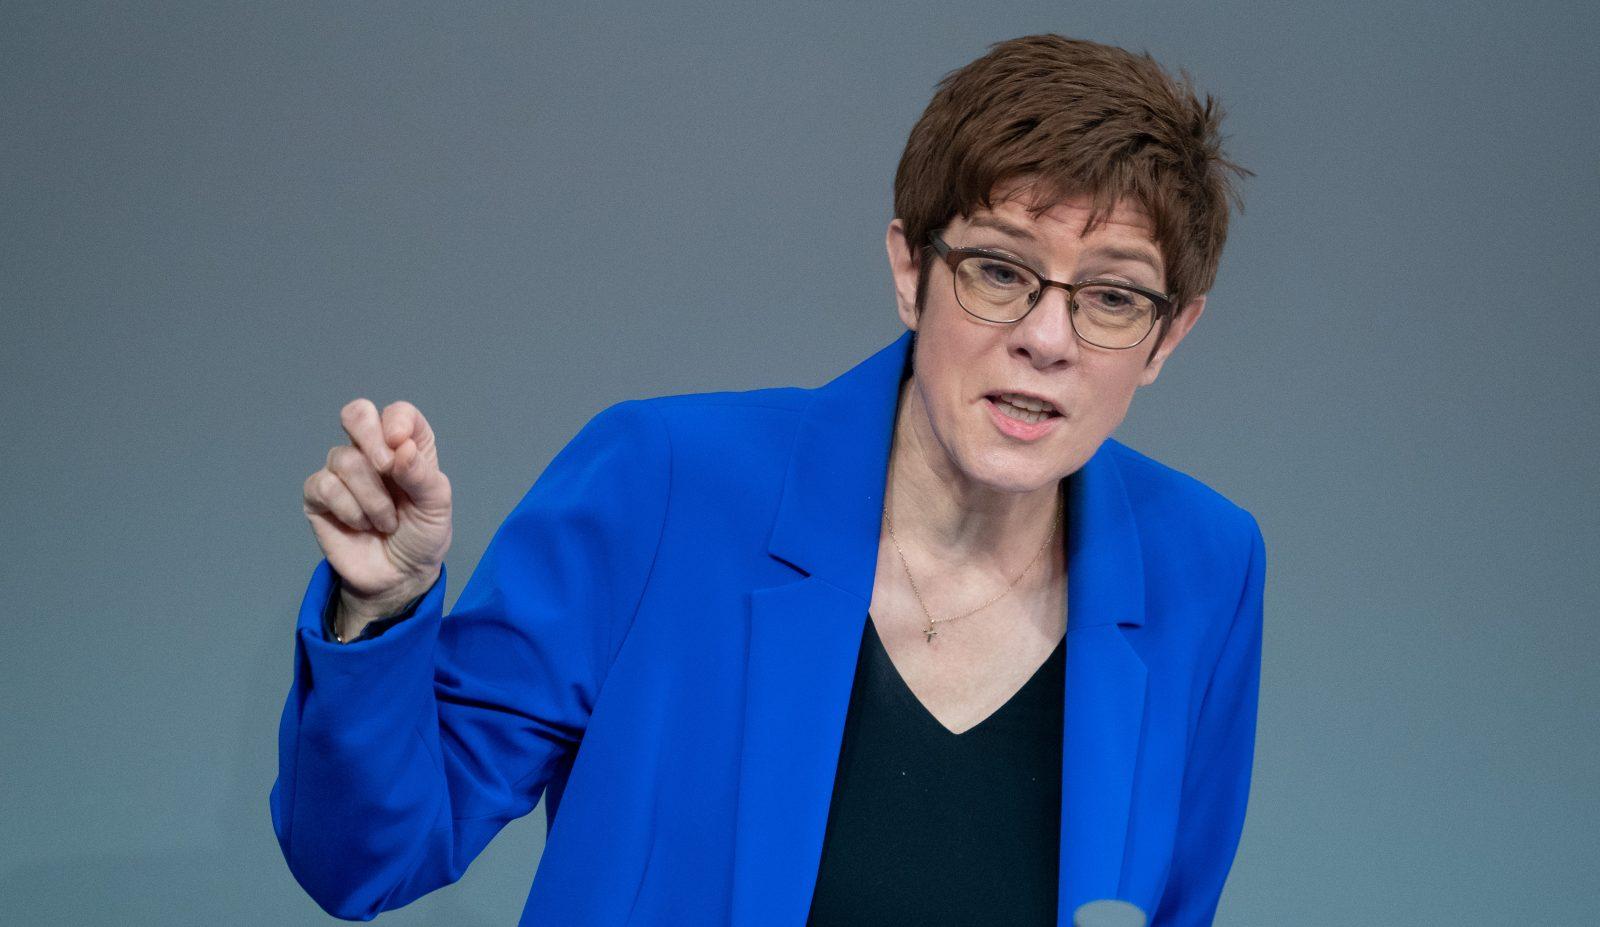 Bundesverteidigungsministerin Annegret Kramp-Karrenbauer (CDU) pocht auf die Anschaffung von bewaffneten Drohnen Foto: picture alliance/dpa | Kay Nietfeld